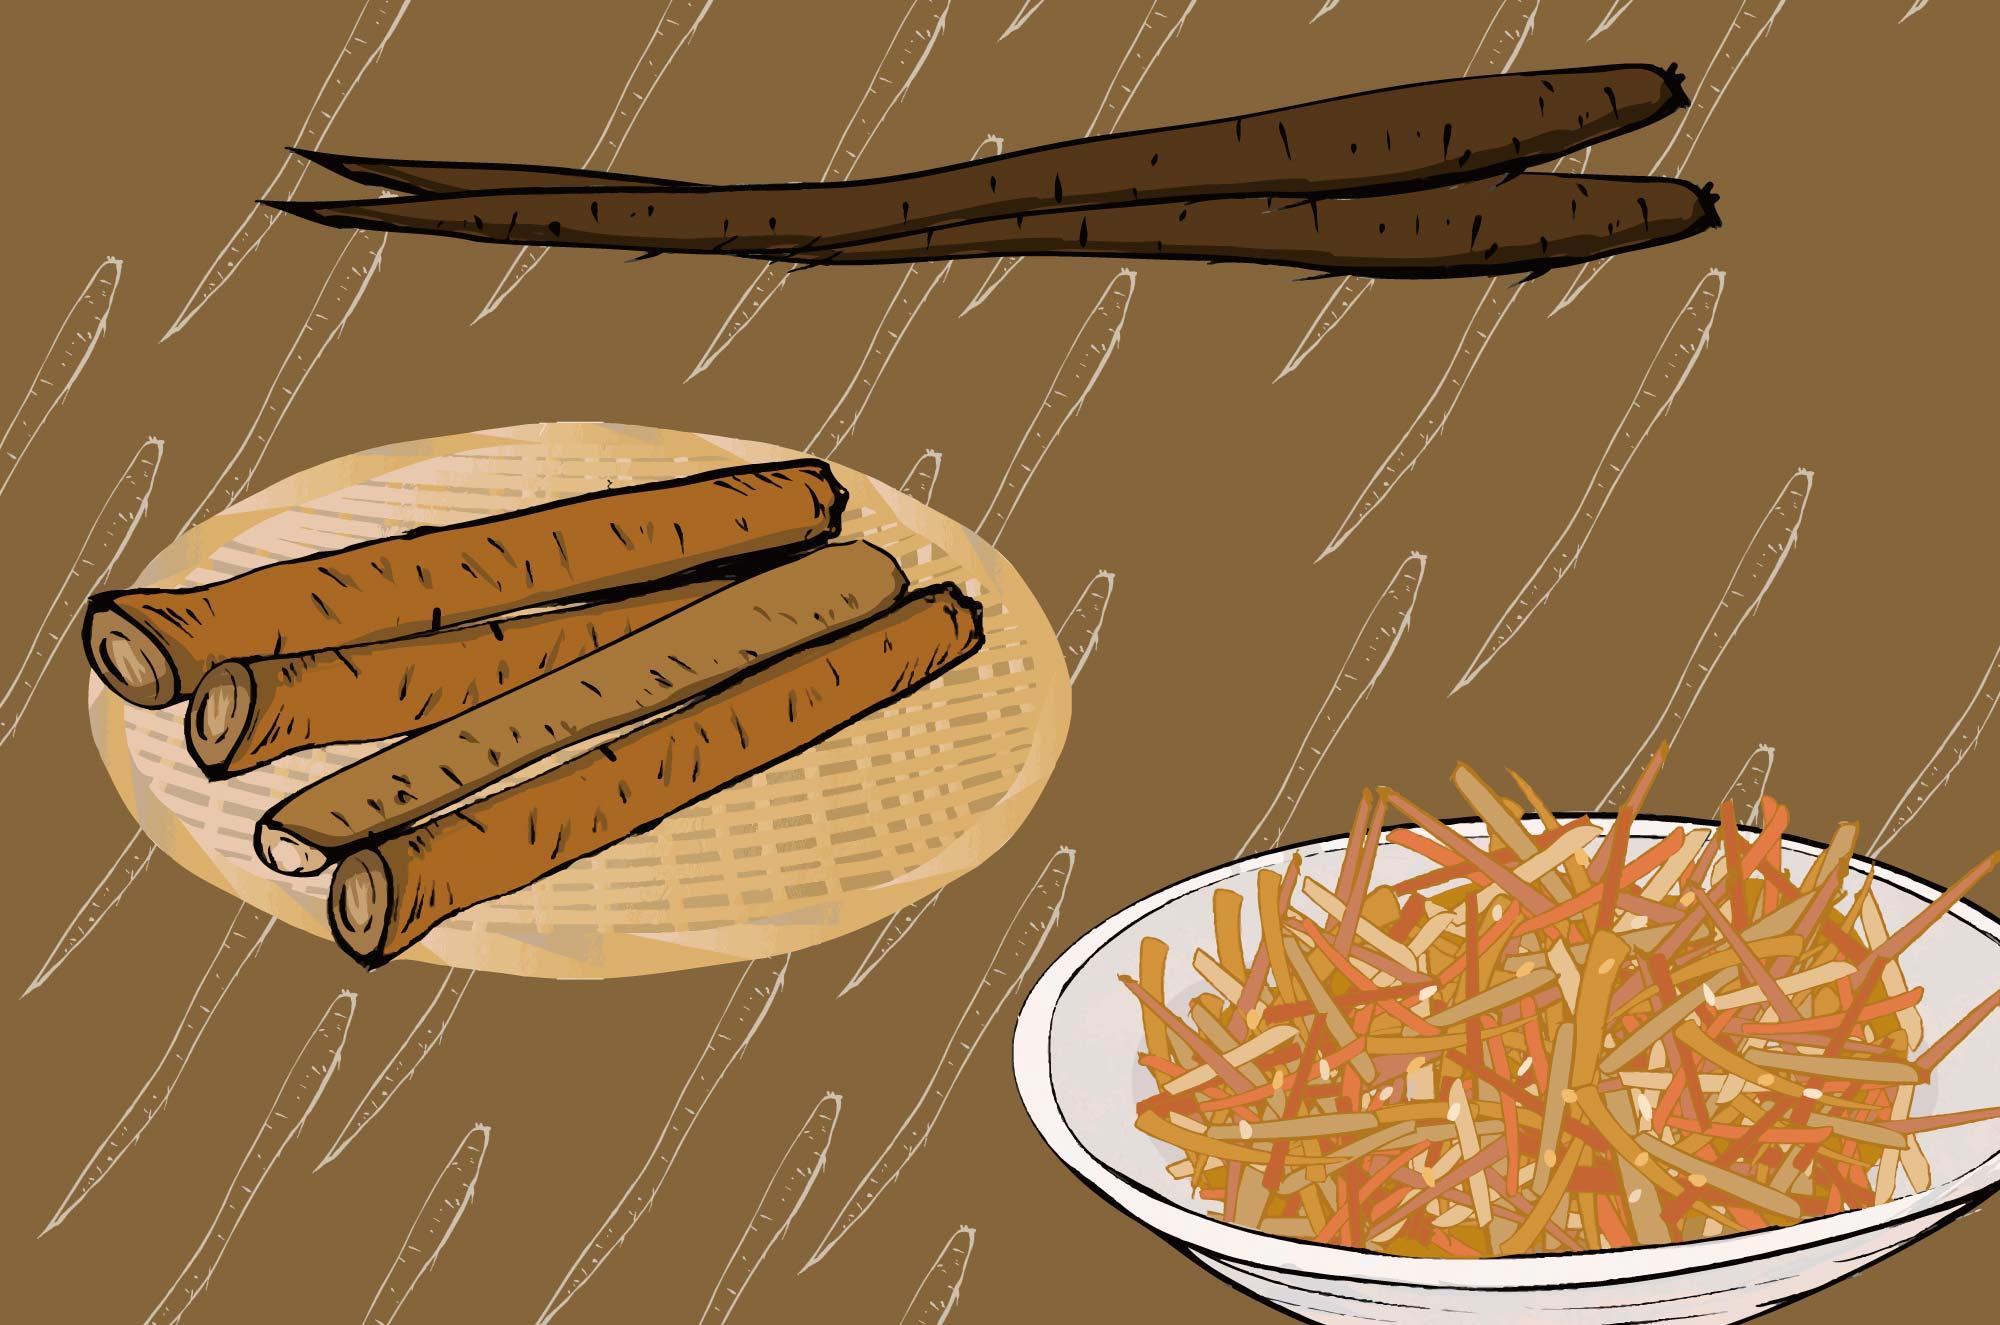 ごぼうのイラスト - 天ぷら・きんぴら・根菜フリー素材